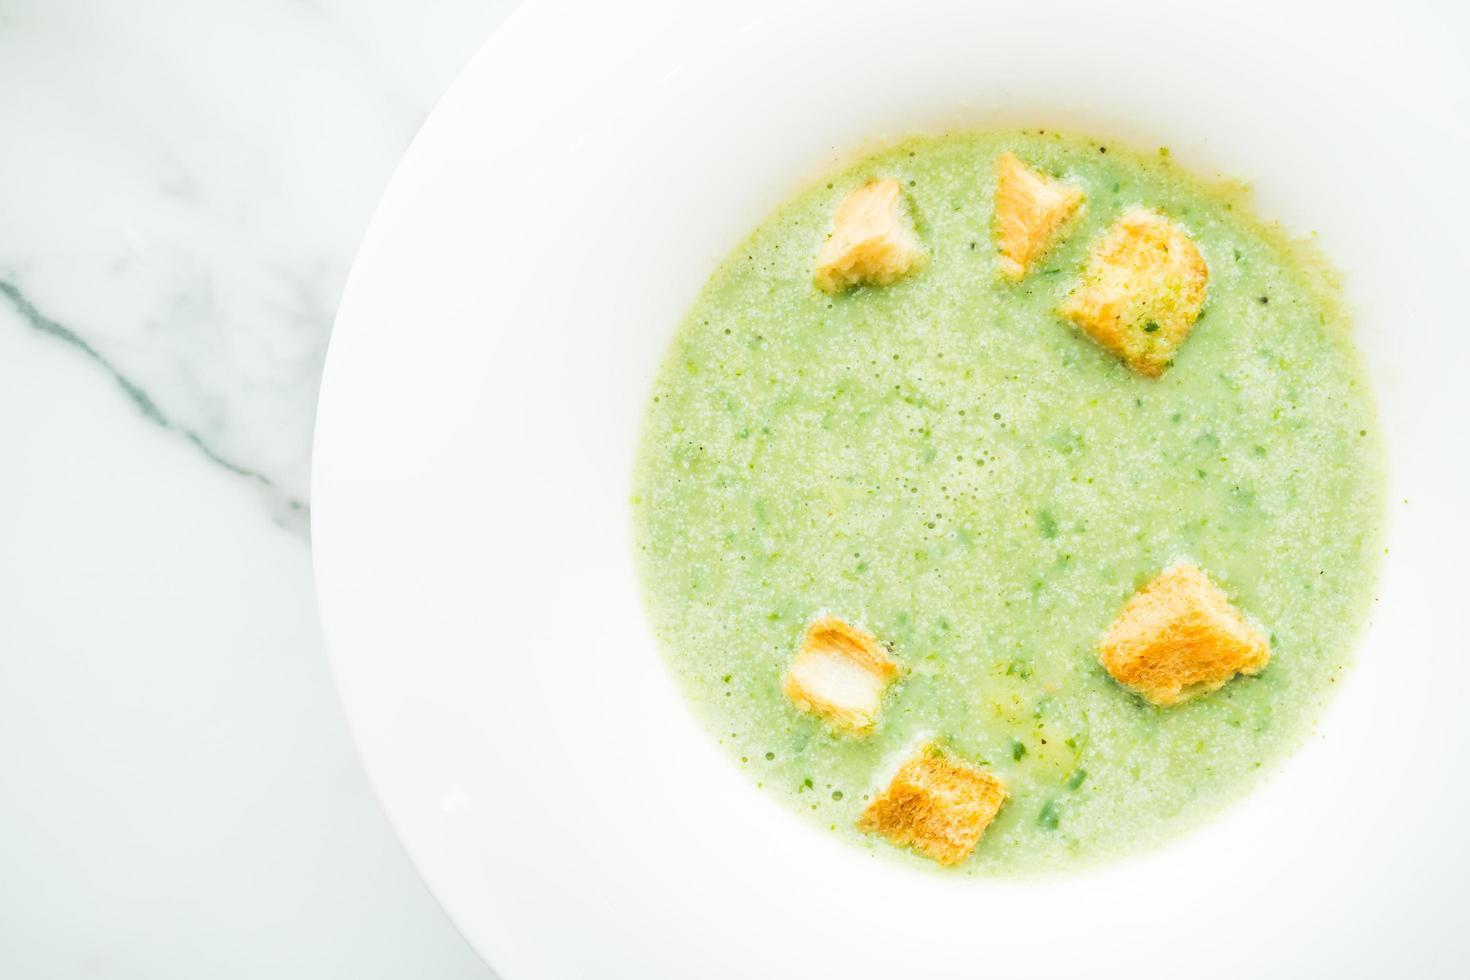 soupe à la crème d'épinards verts photo